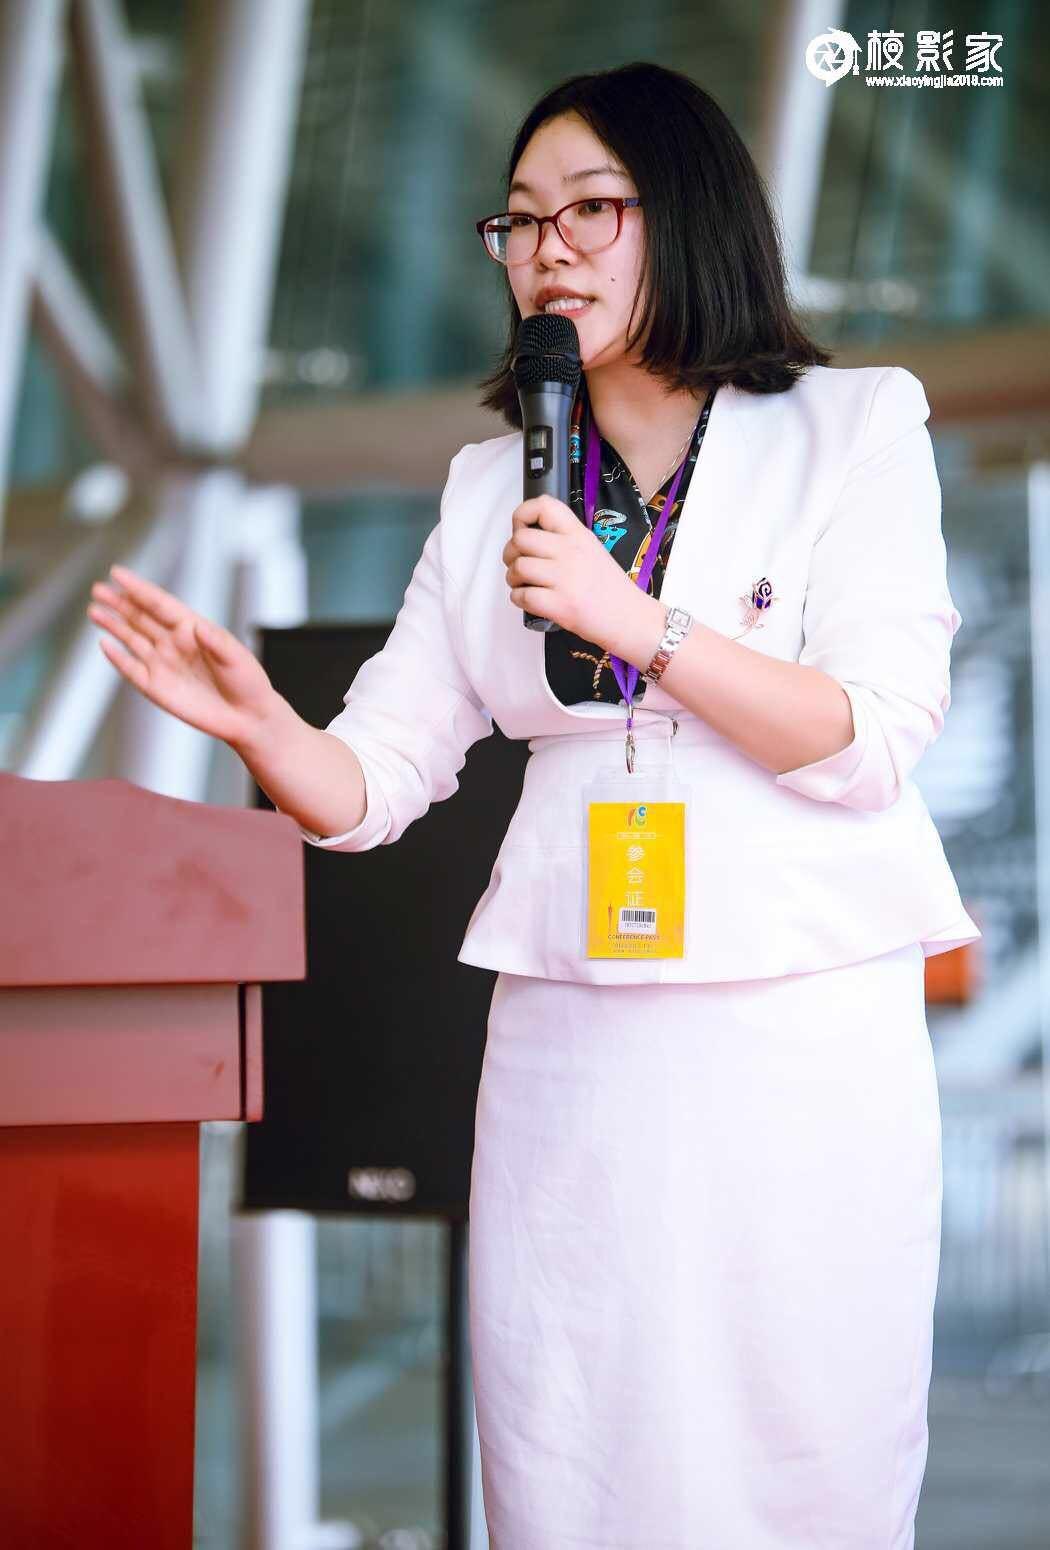 中国中小型幼儿园管理咨询服务专家吴祖银照片